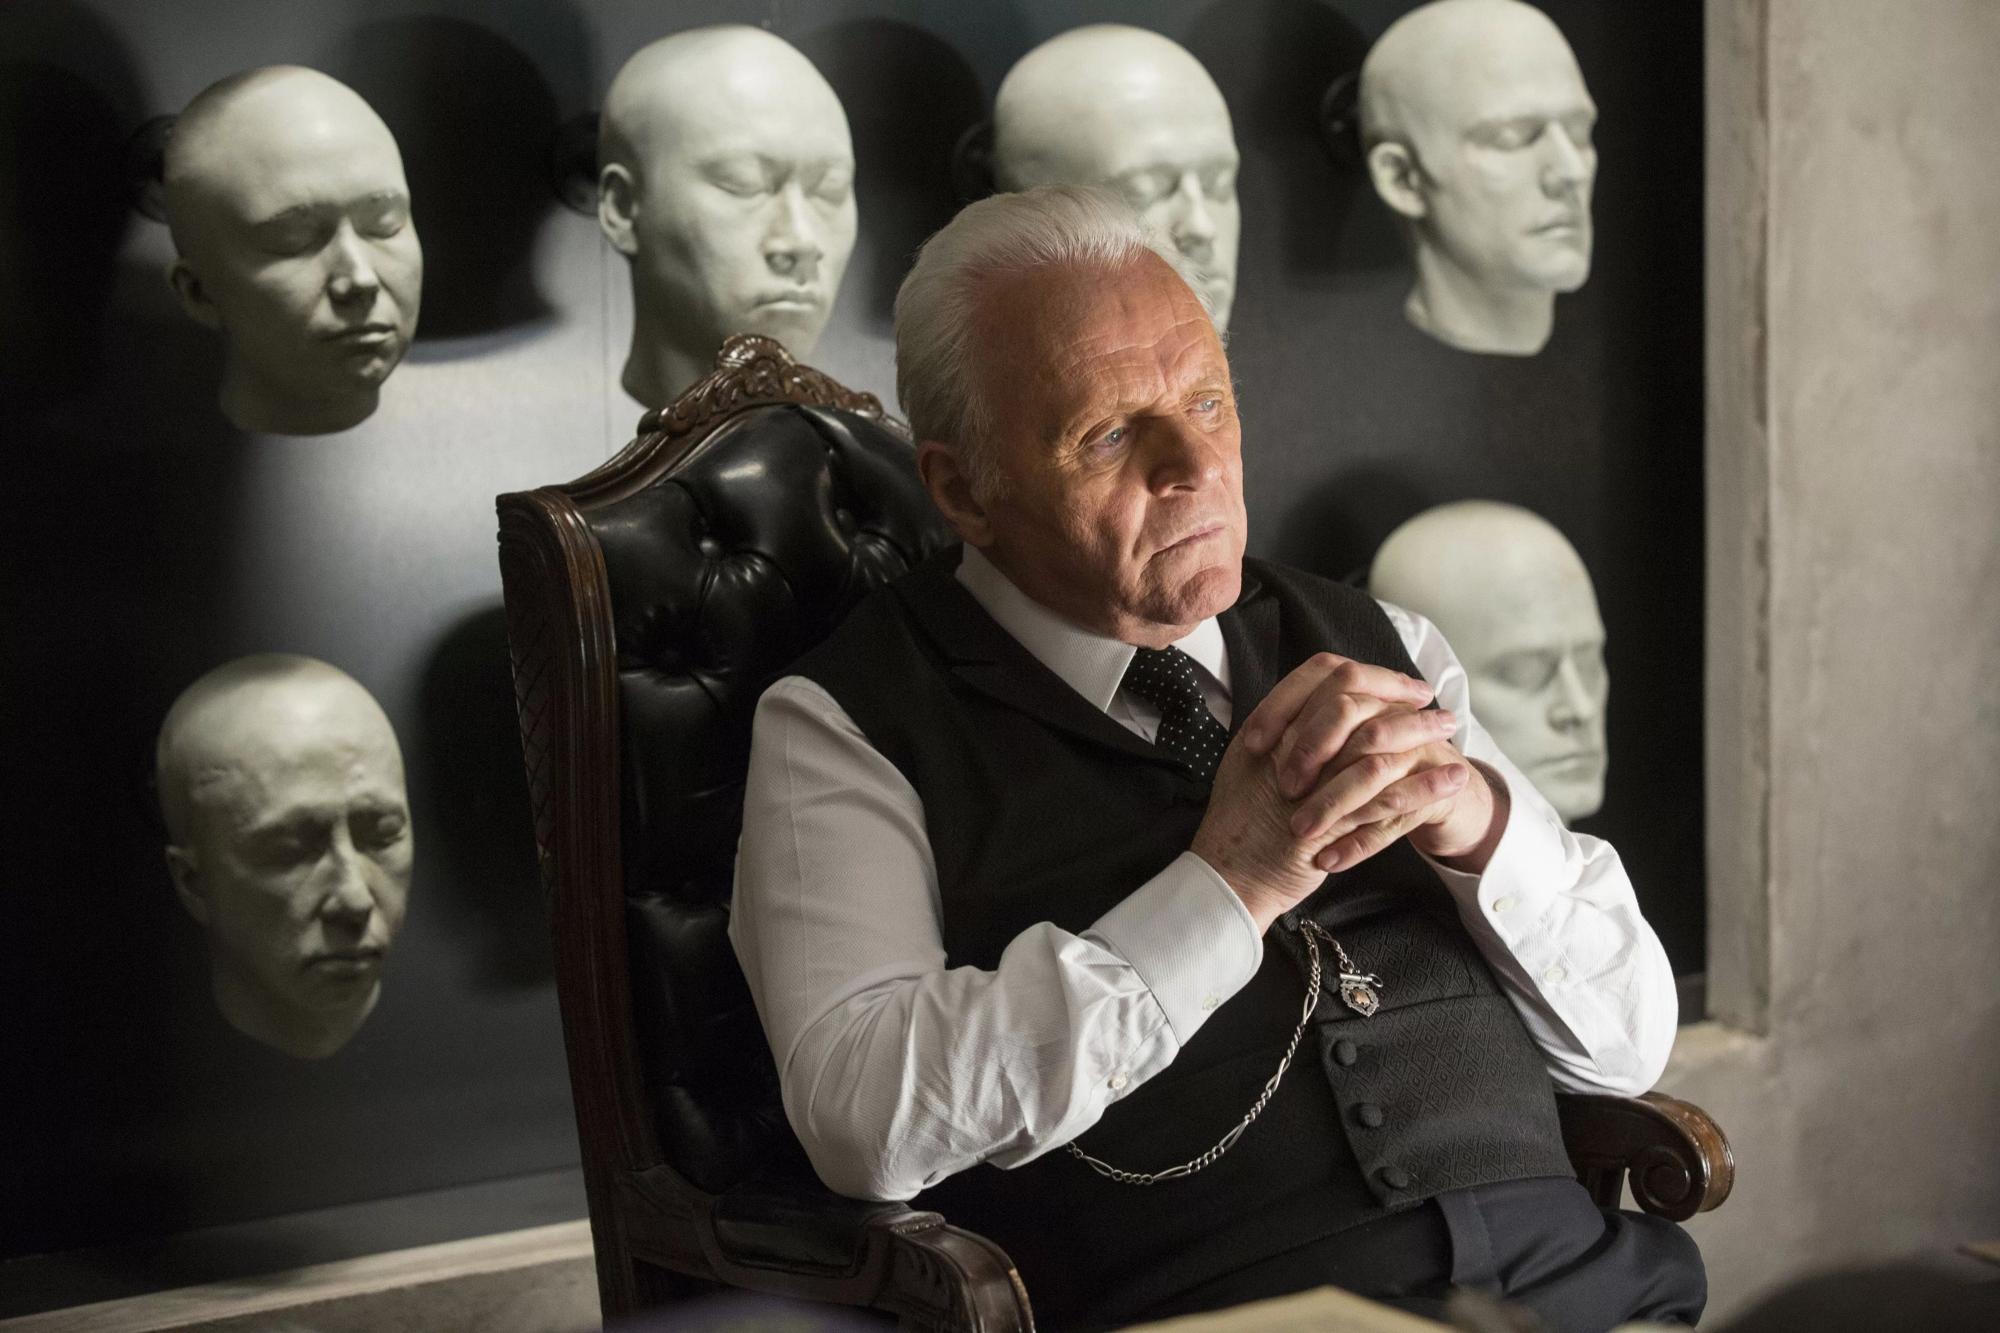 Phim gây sốc Westworld sắp hết mà dân tình vẫn ngơ ngác trên mây với 6 câu hỏi - Ảnh 1.